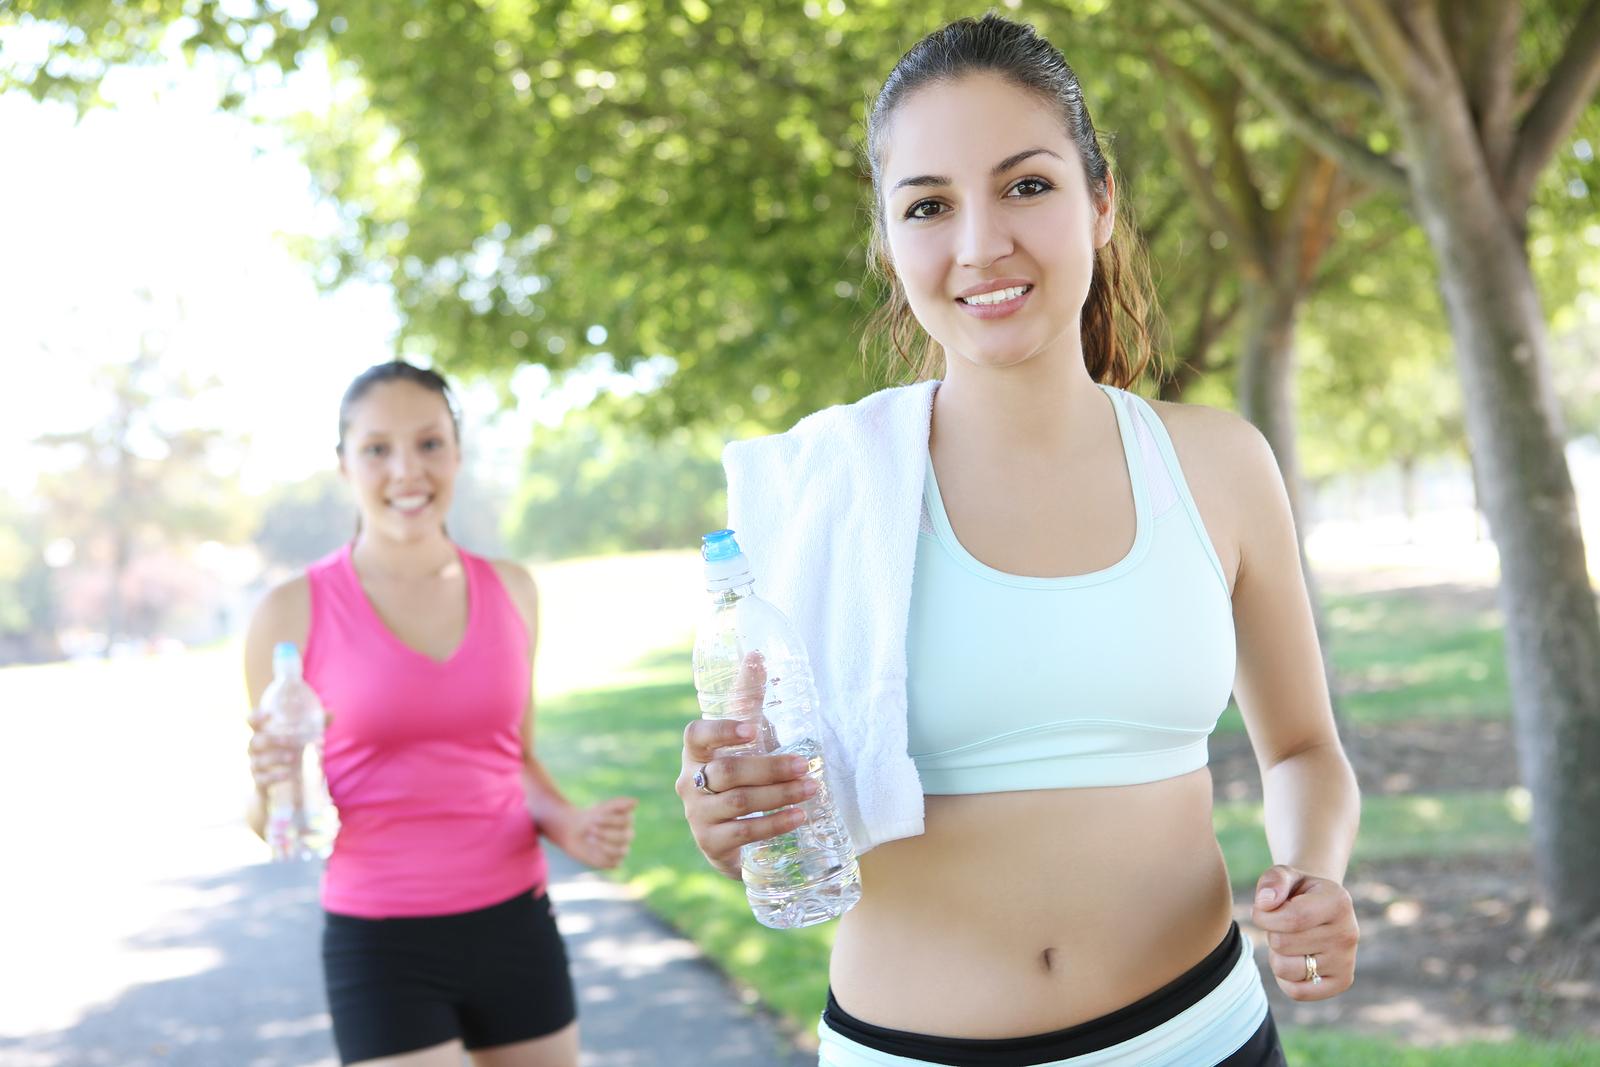 Jak spacerować, żeby schudnąć i cieszyć się dobrym zdrowiem?· - porada sunela.eu